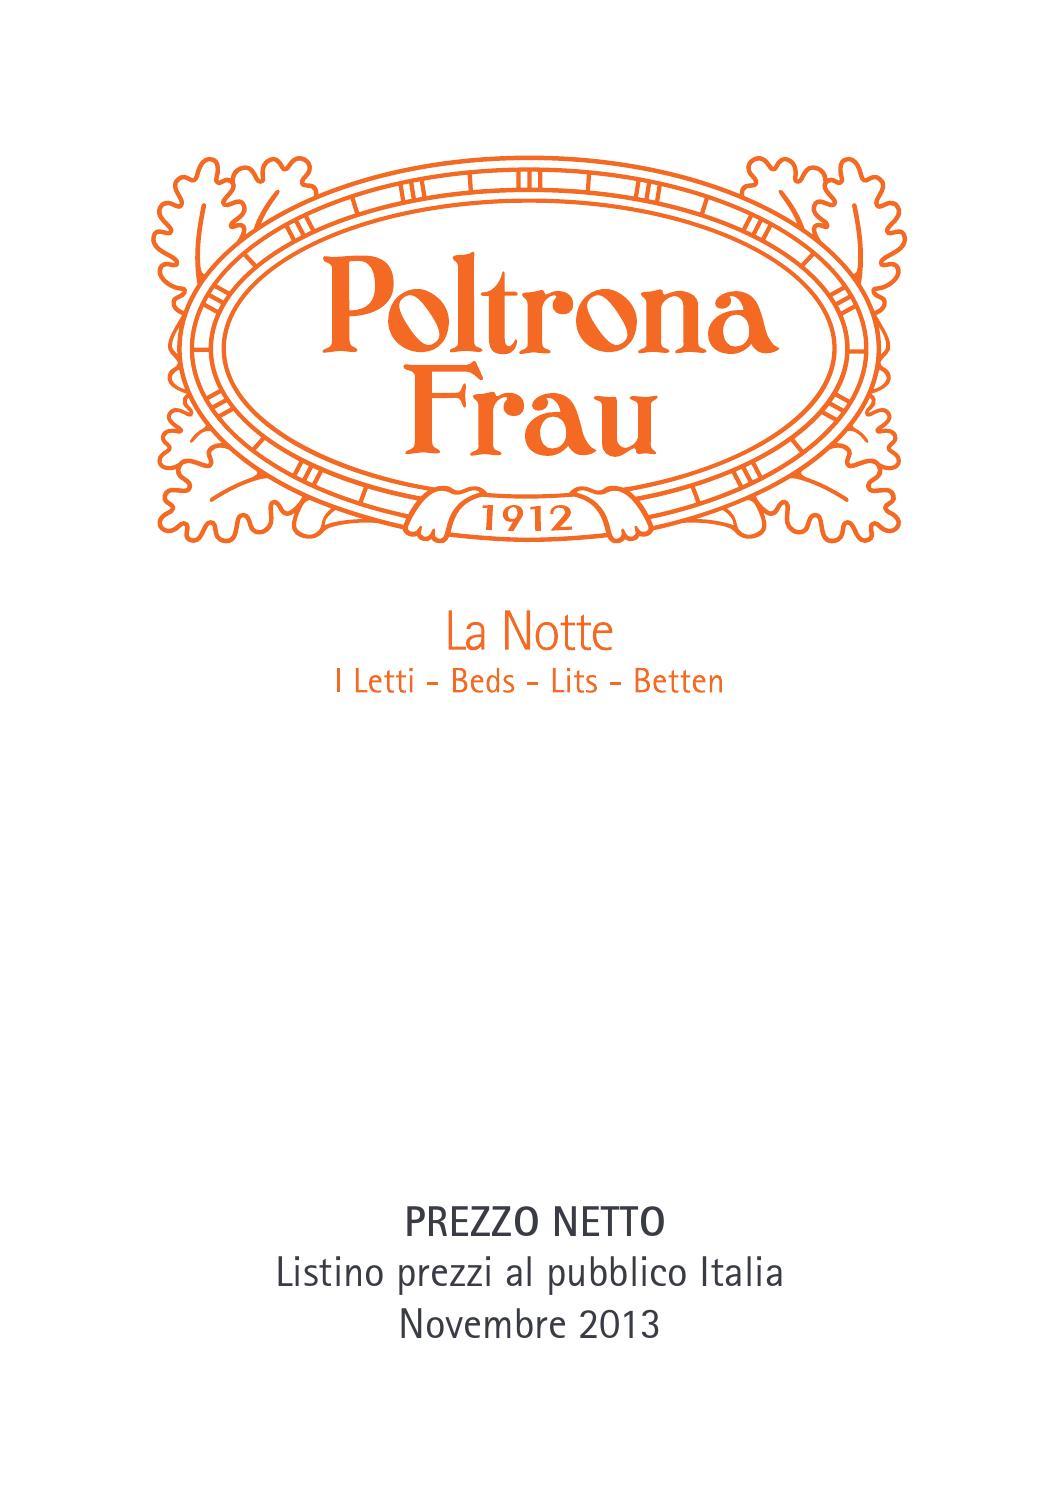 Letto Bluemoon Poltrona Frau Prezzo.Listino Letti Itanovembre2013 By Carlo Oliverio Issuu